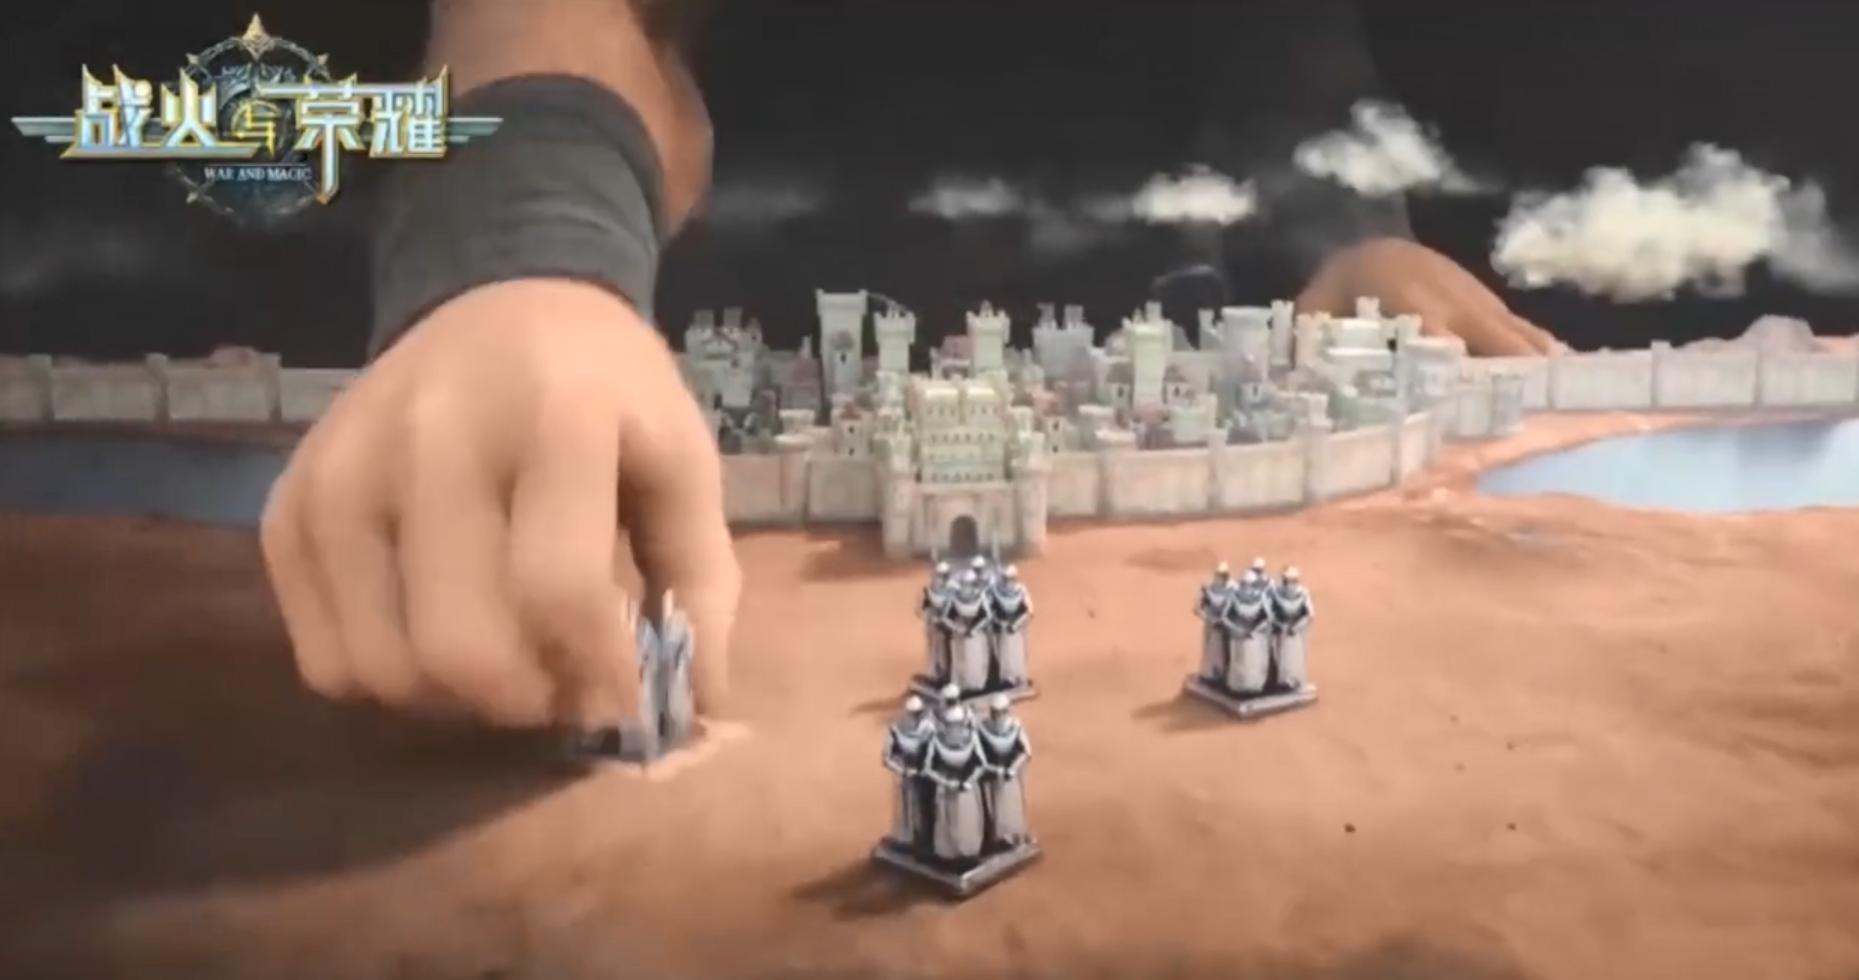 《战火与荣耀》视频分享:一款轻松护肝的策略手游,带你闯荡战火世界